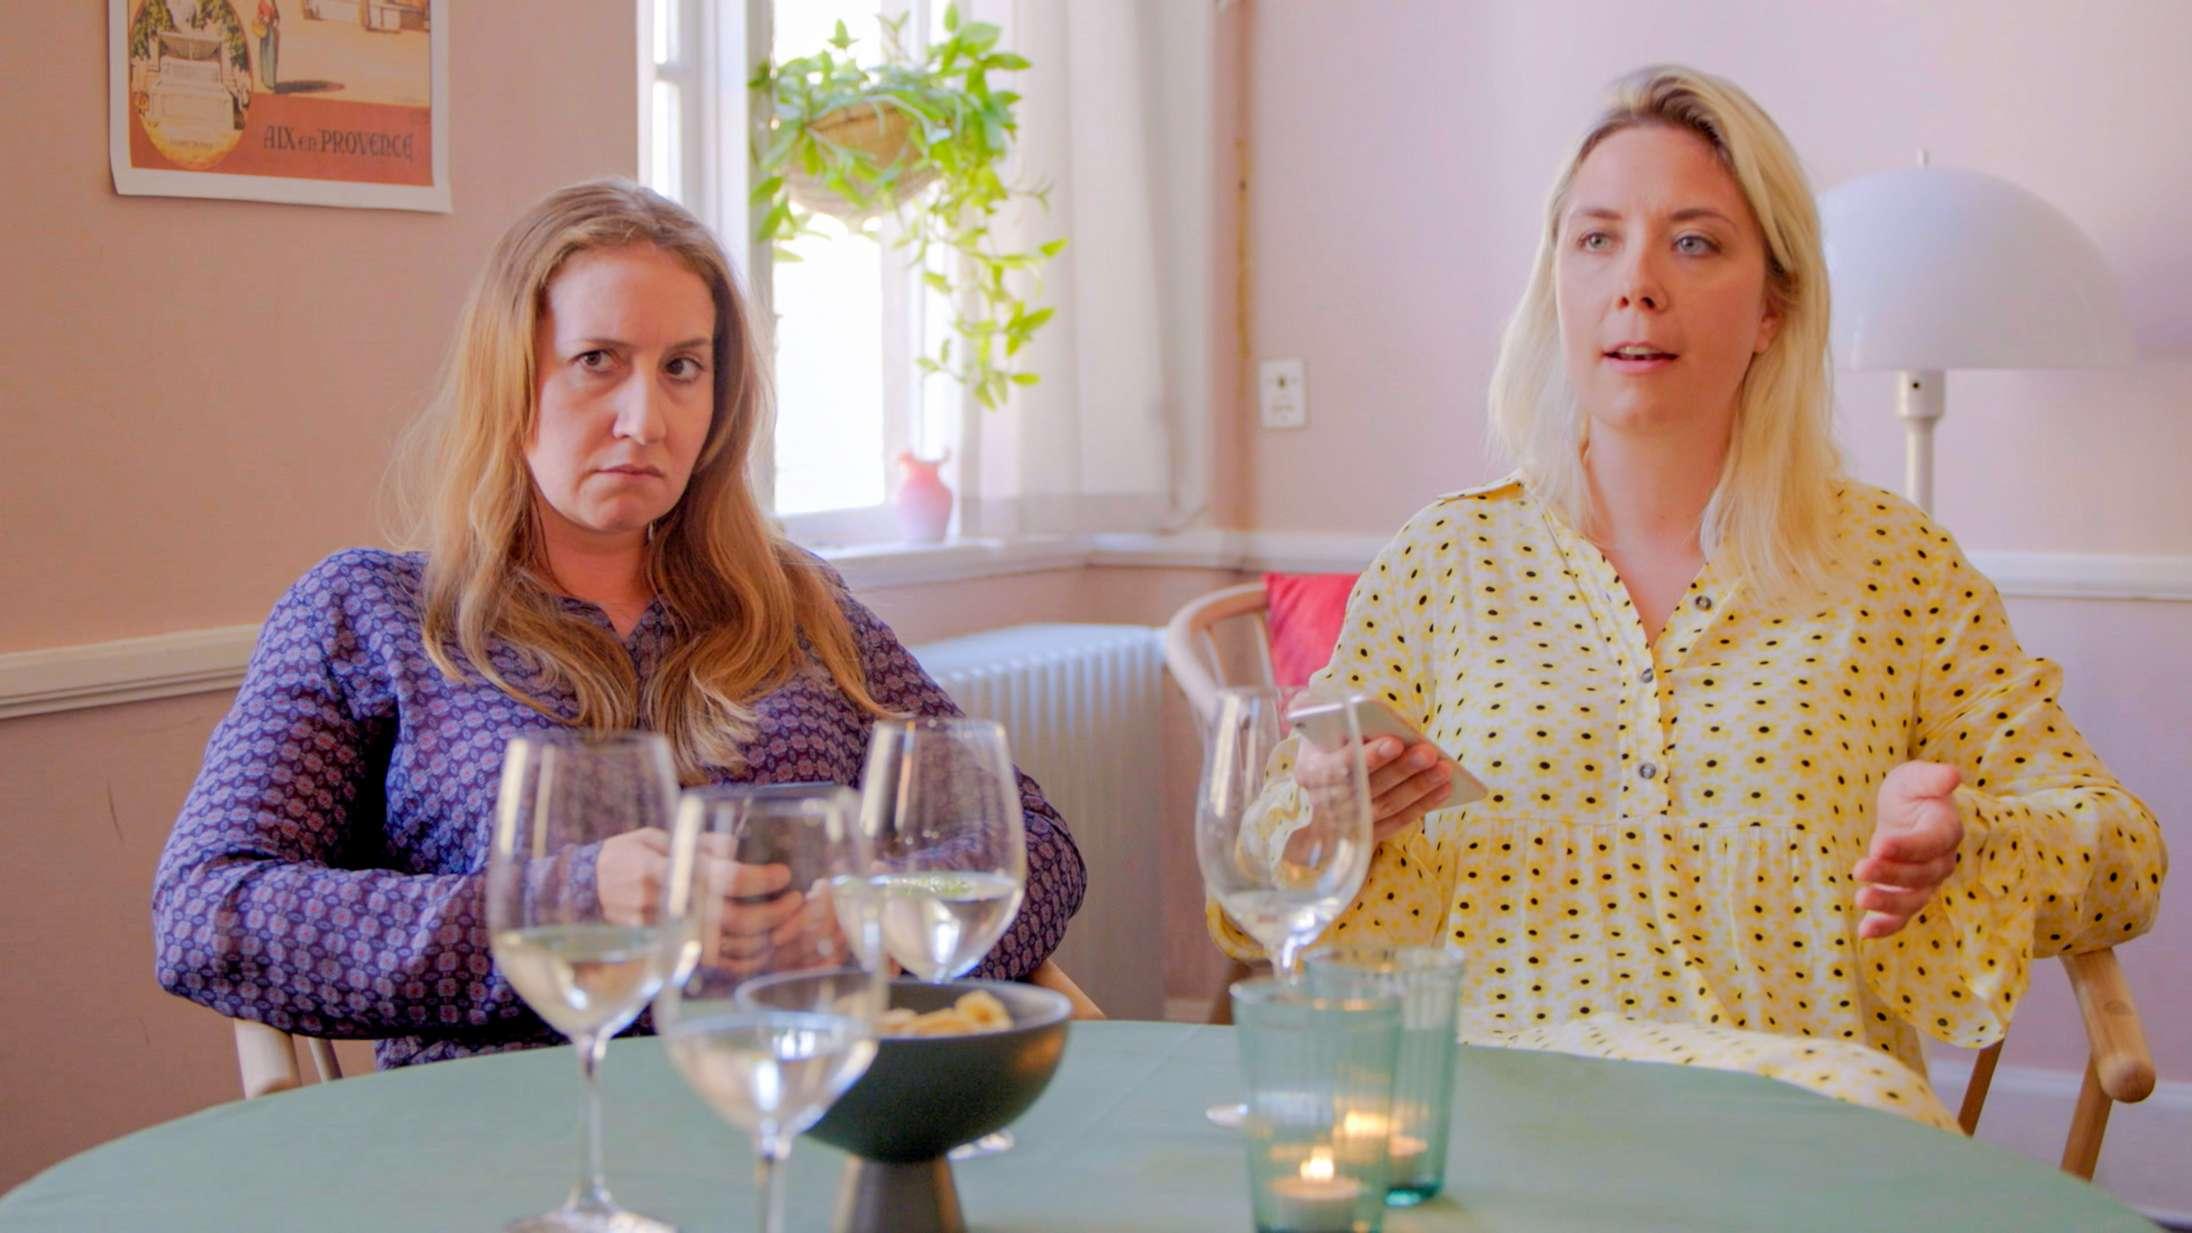 'Hvorfor snakker vi ikke om mig?': To danske komikertalenter har fantastisk passiv-aggressiv timing i ny DR-satireserie